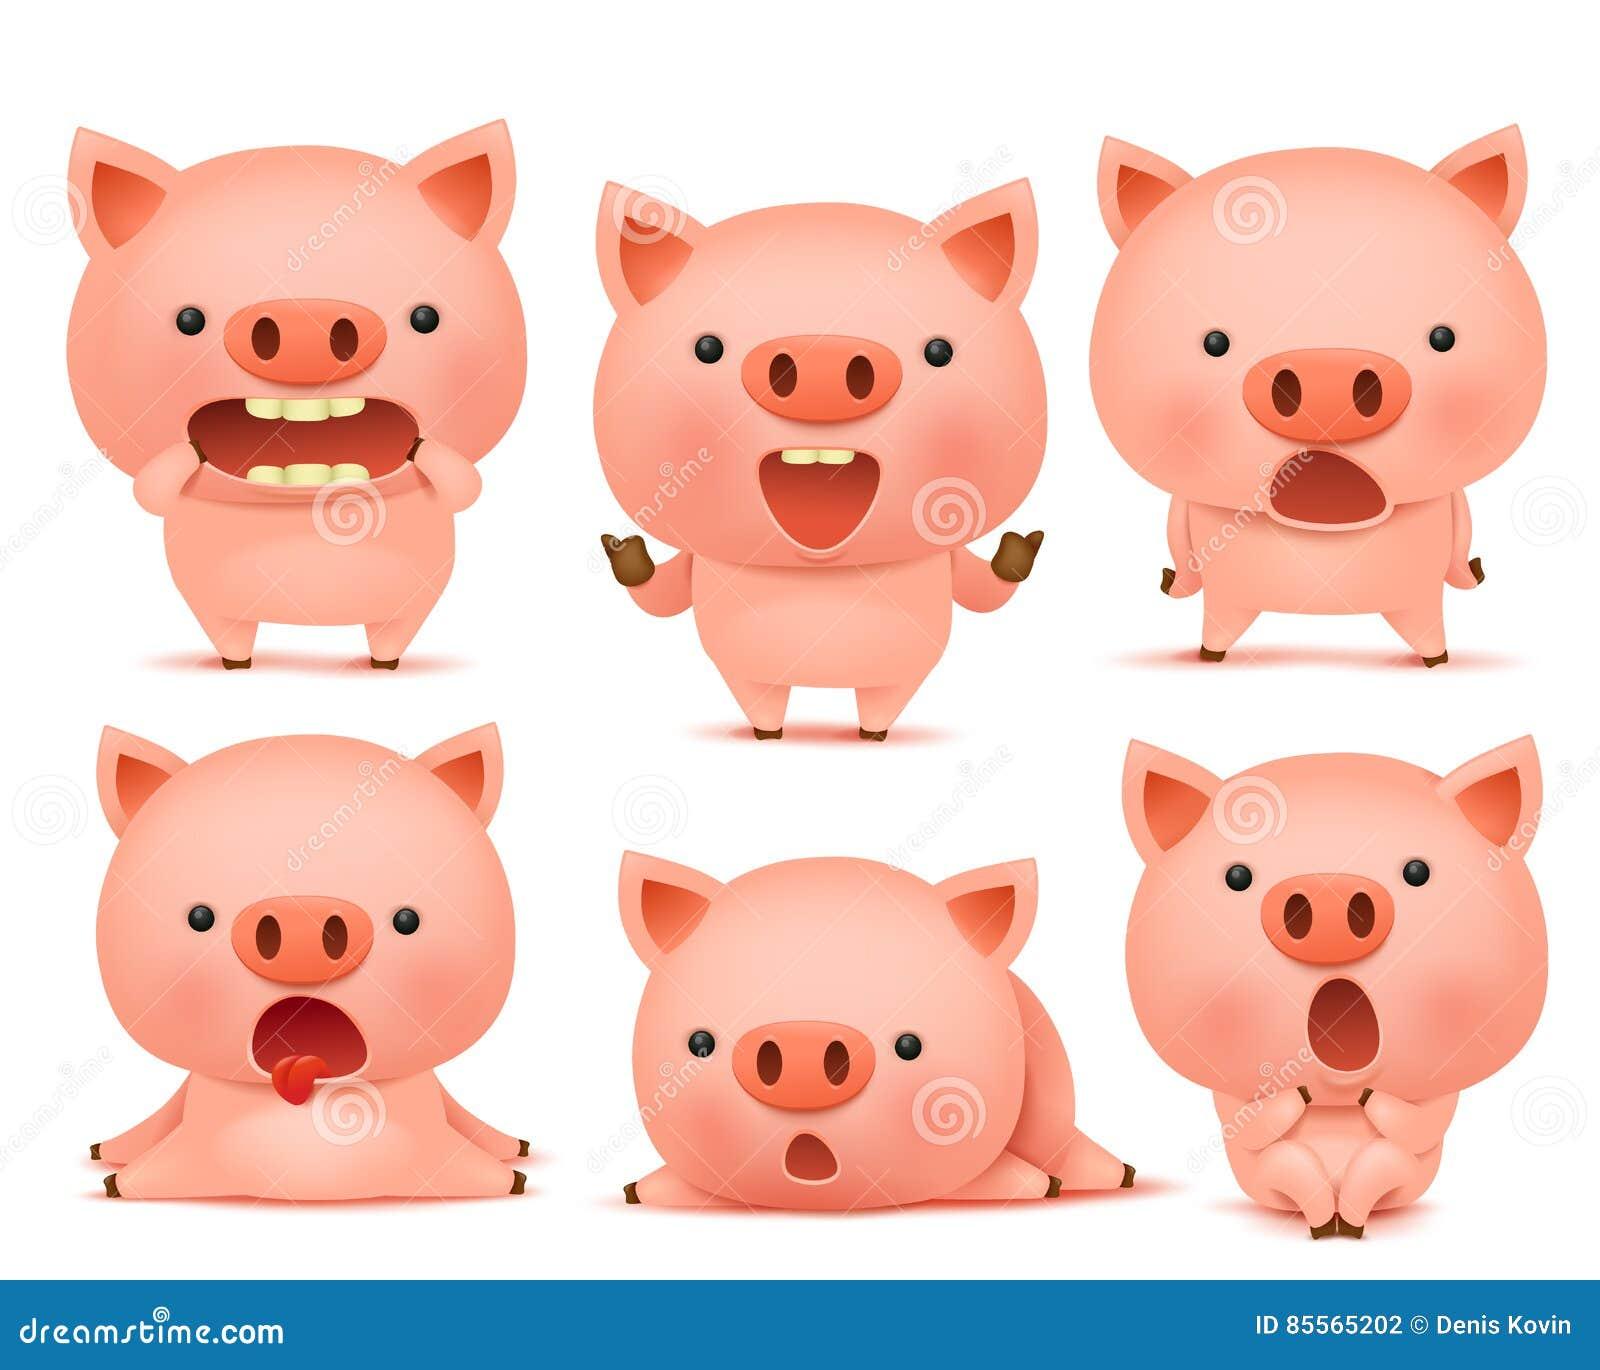 ideal wallpaper emoji pig ideas gtgtgt best wallpaper hd